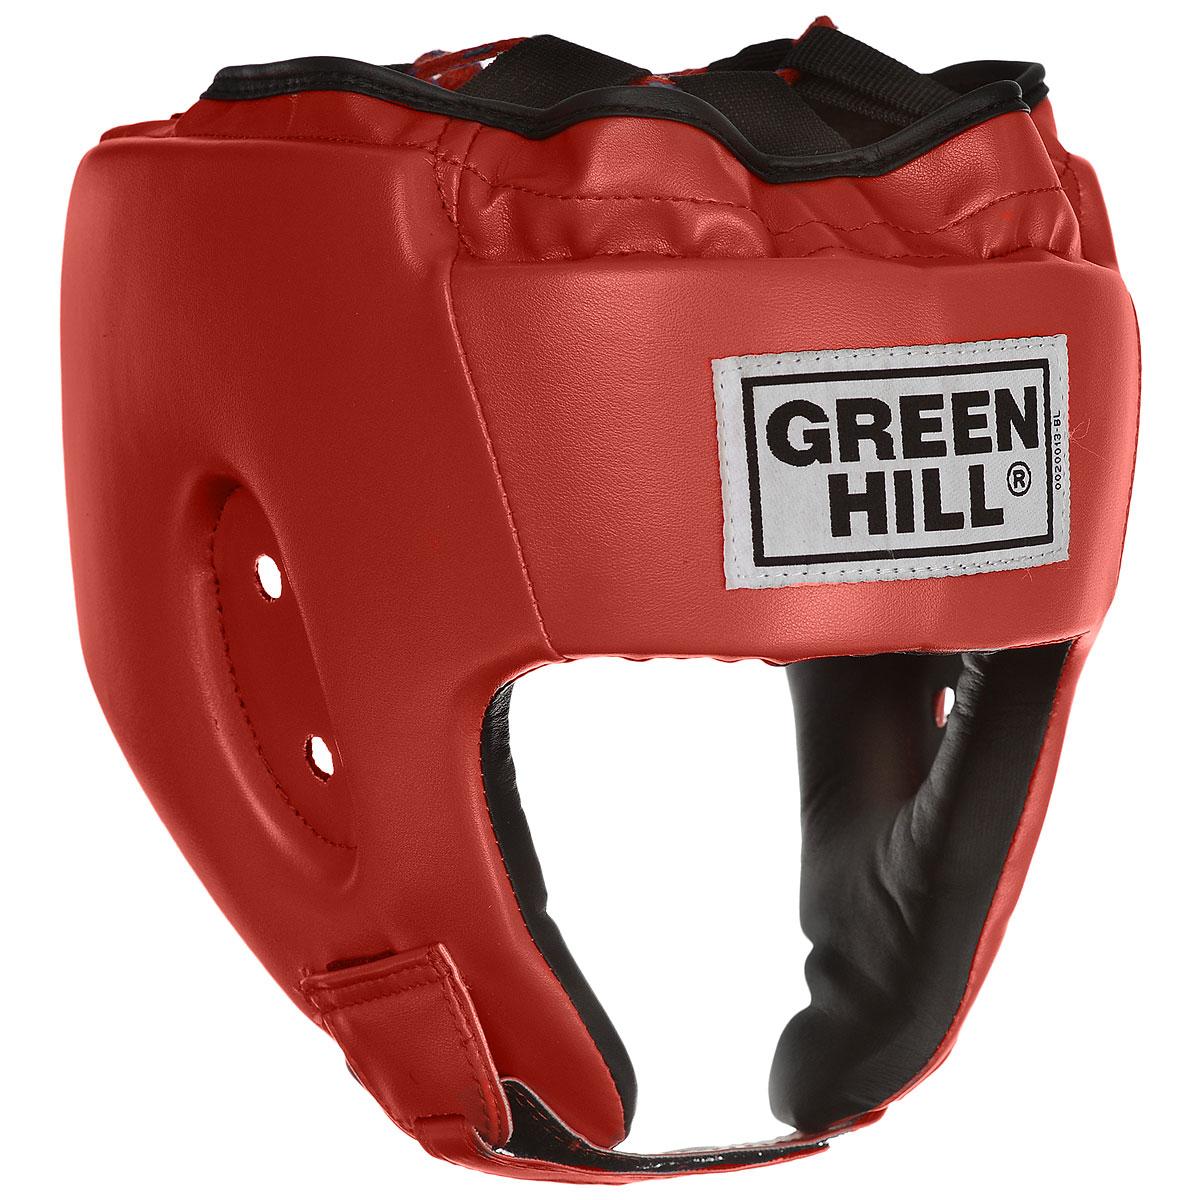 Шлем боксерский Green Hill Alfa, цвет: красный. Размер XL (61-63 см)HGA-4014Боксерский шлем Green Hill Alfa предназначен для защиты головы от повреждений во время занятий боксом и кикбоксингом. Подходит как для тренировок, так и для соревнований. Выполнен из высококачественной искусственной кожи. Шлем имеет двойную систему крепления, которая крепко удерживает его на голове: шнуровка сверху, застежка на липучке на затылке и под подбородком. Крепления регулируемые, благодаря чему шлем можно подогнать четко под свой размер. Обеспечивает достаточную защиту и обзор во время поединка.